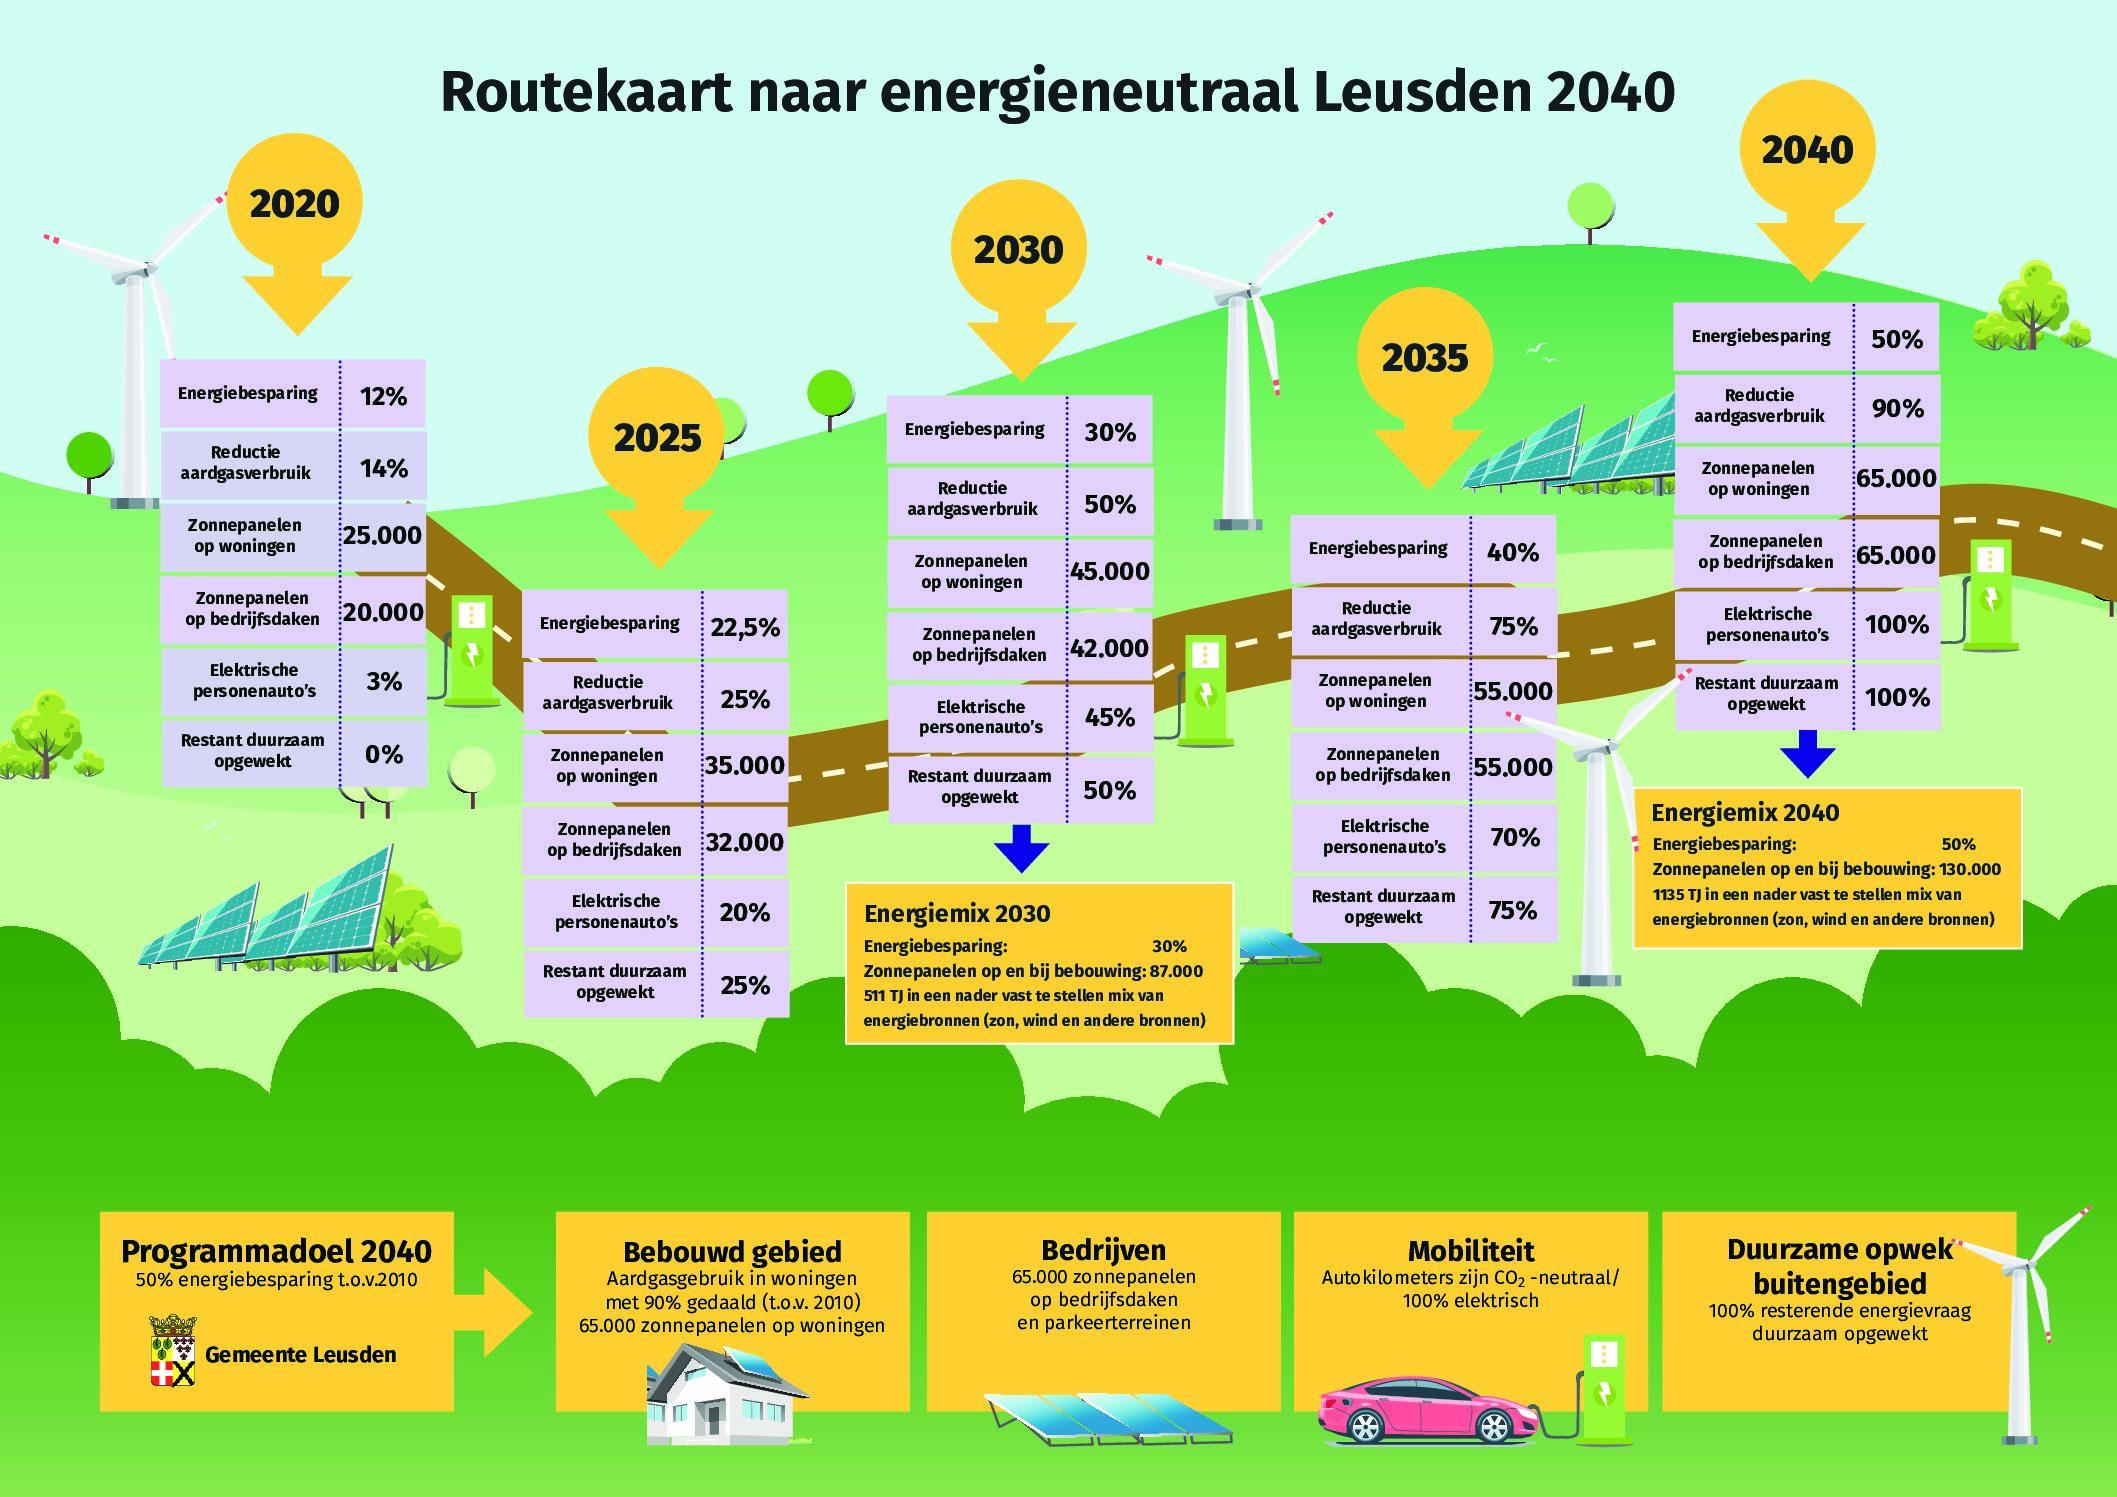 Routekaart naar energieneutraal Leusden 2040